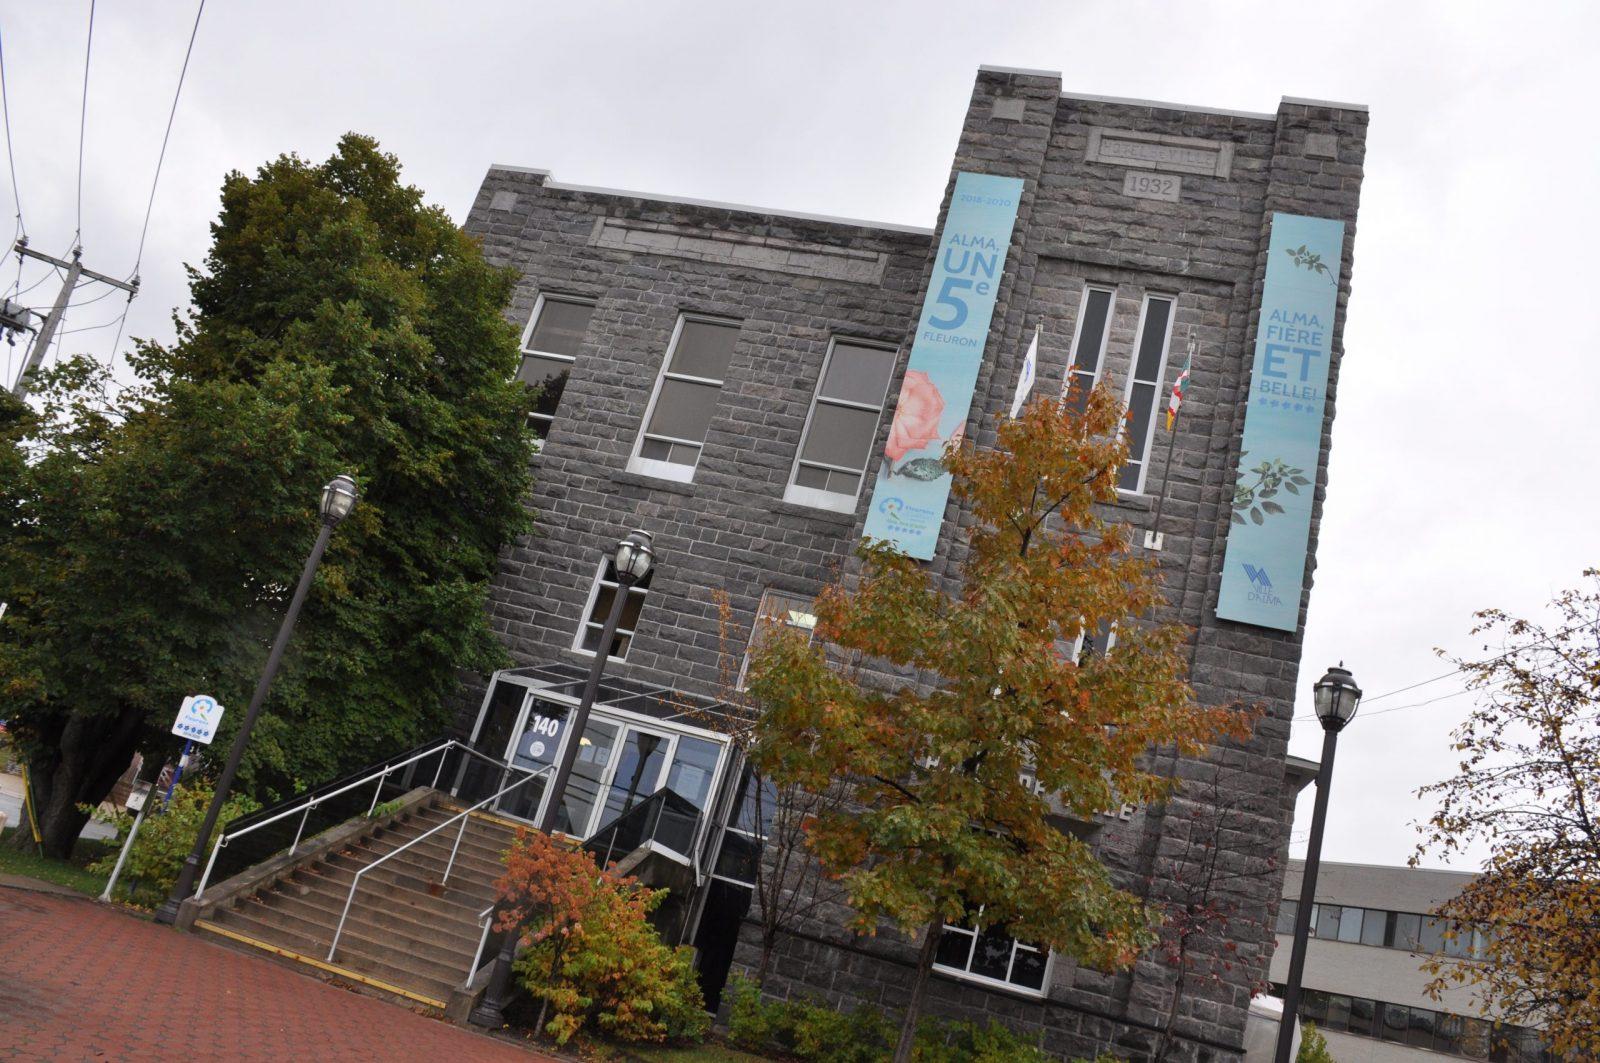 Mairie d'Alma : Un débat télévisé cette semaine